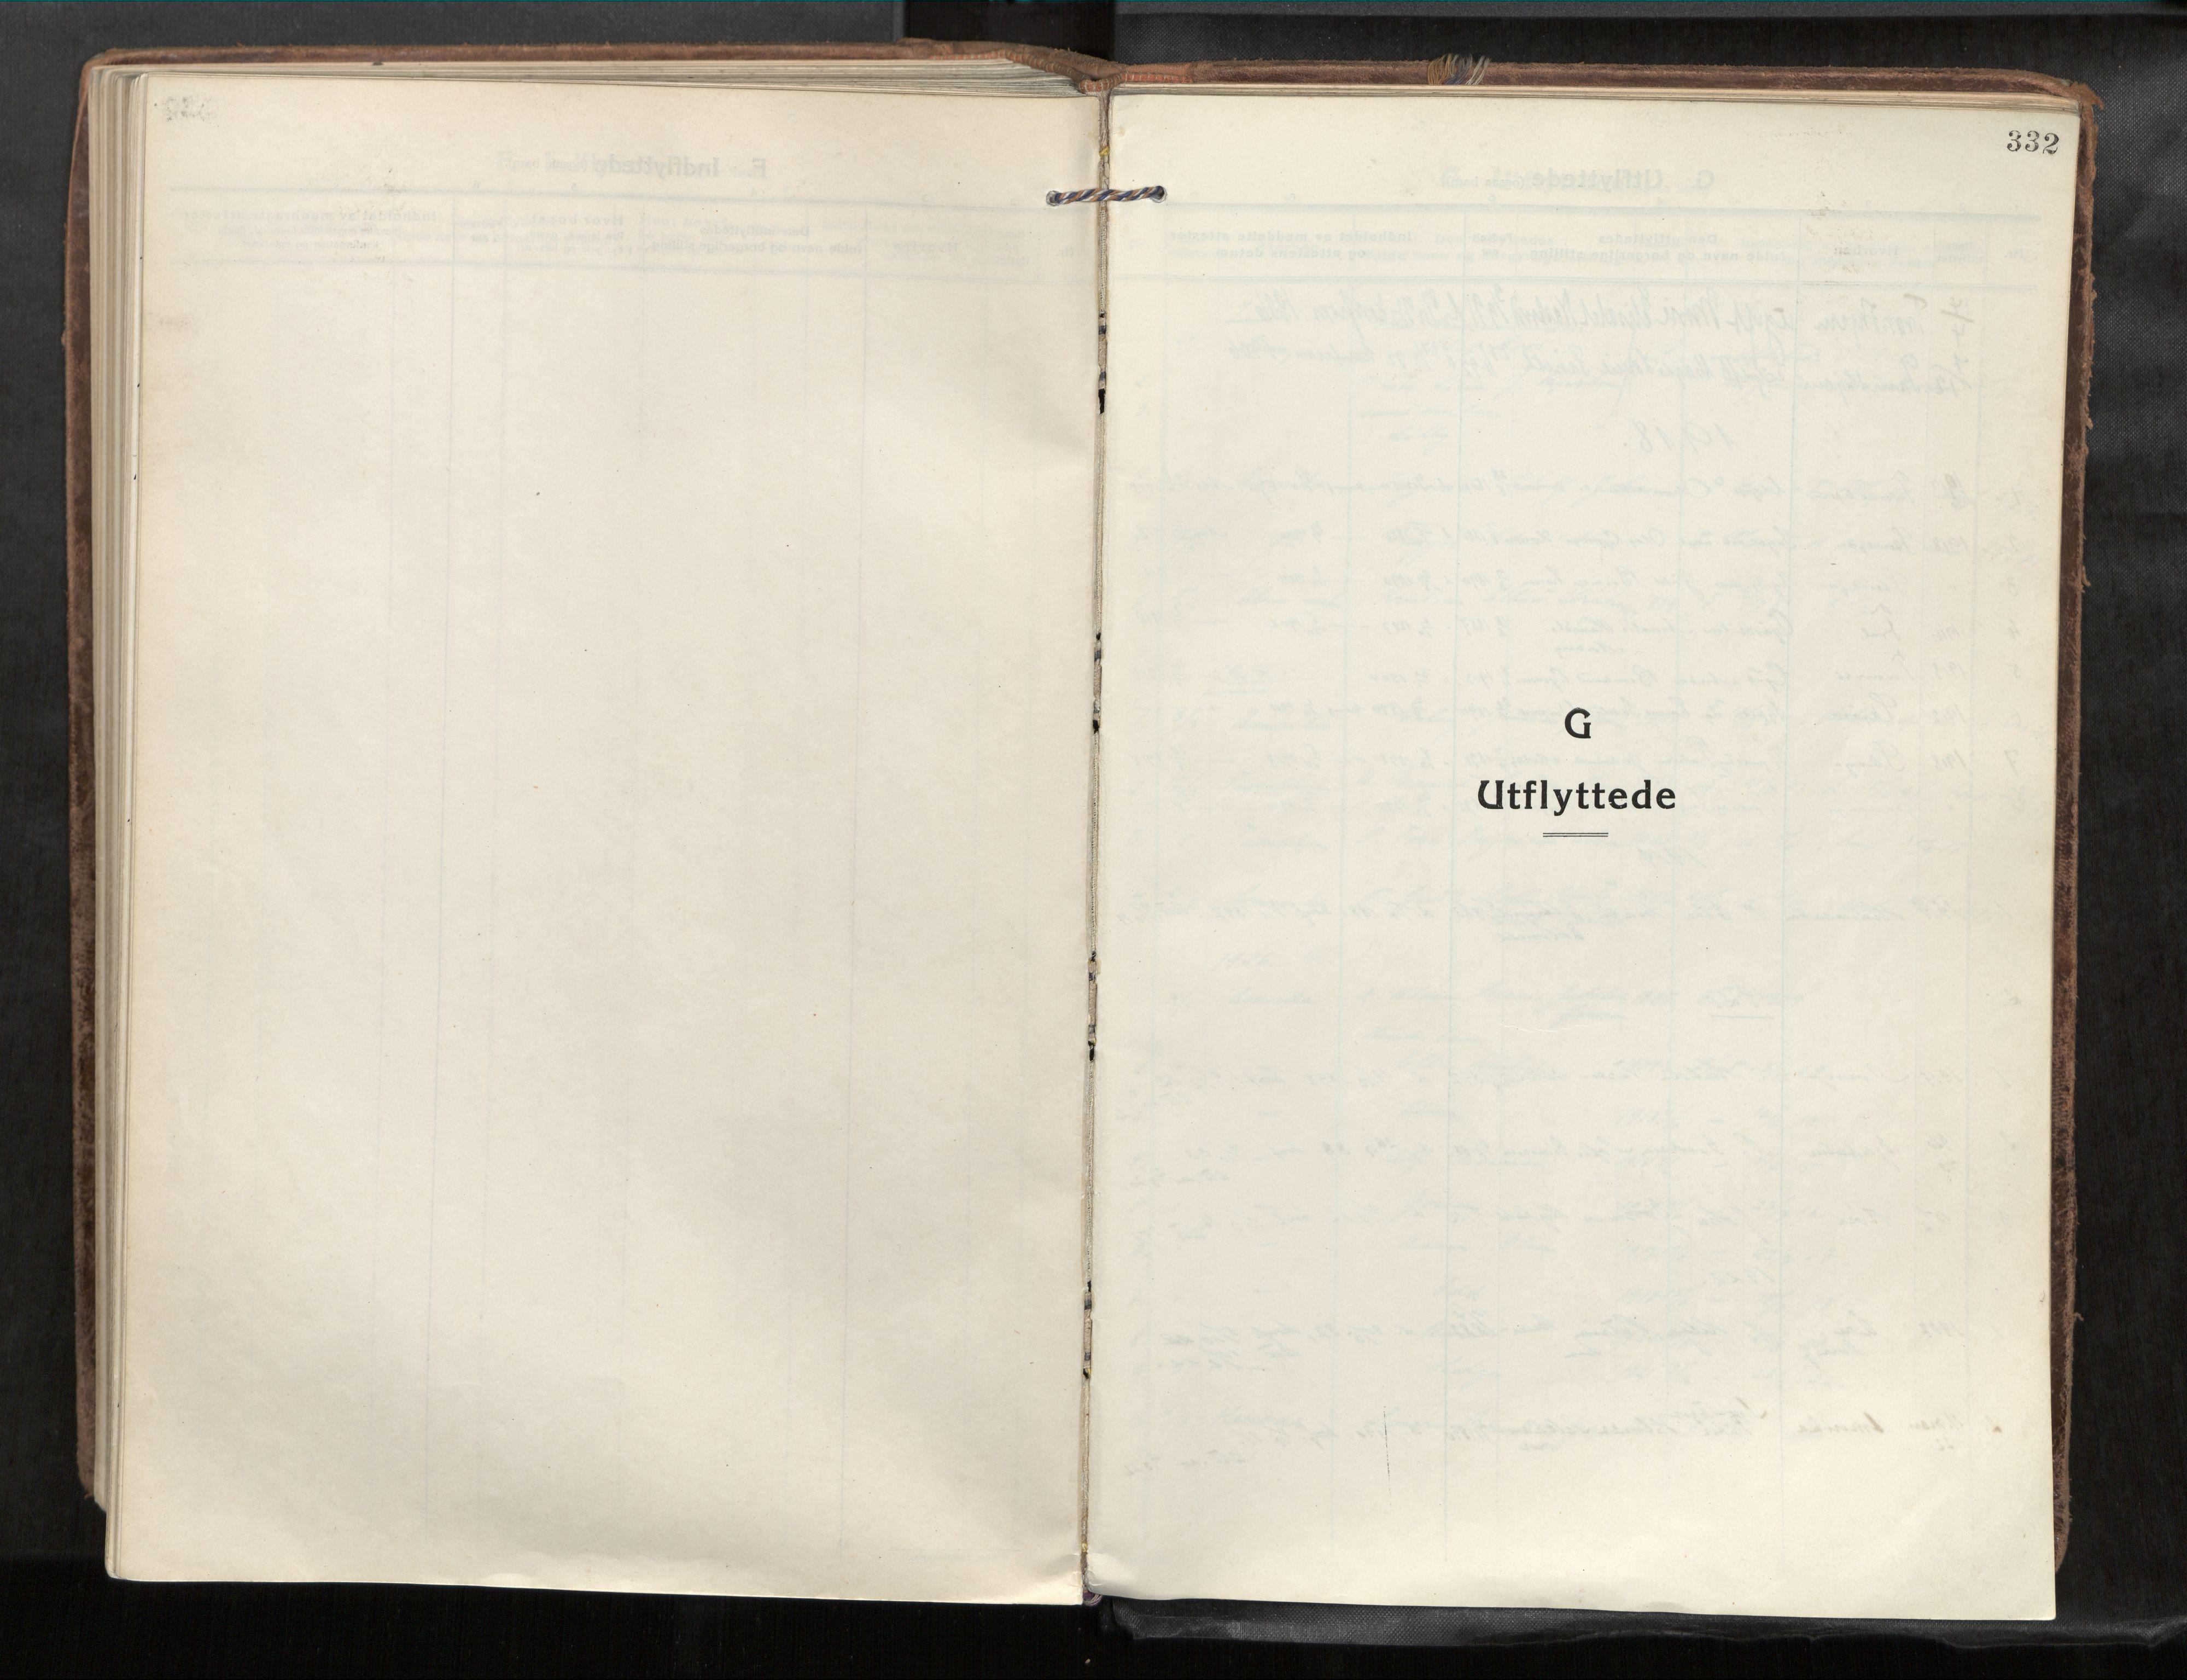 SAT, Verdal sokneprestkontor*, Parish register (official) no. 1, 1917-1932, p. 332